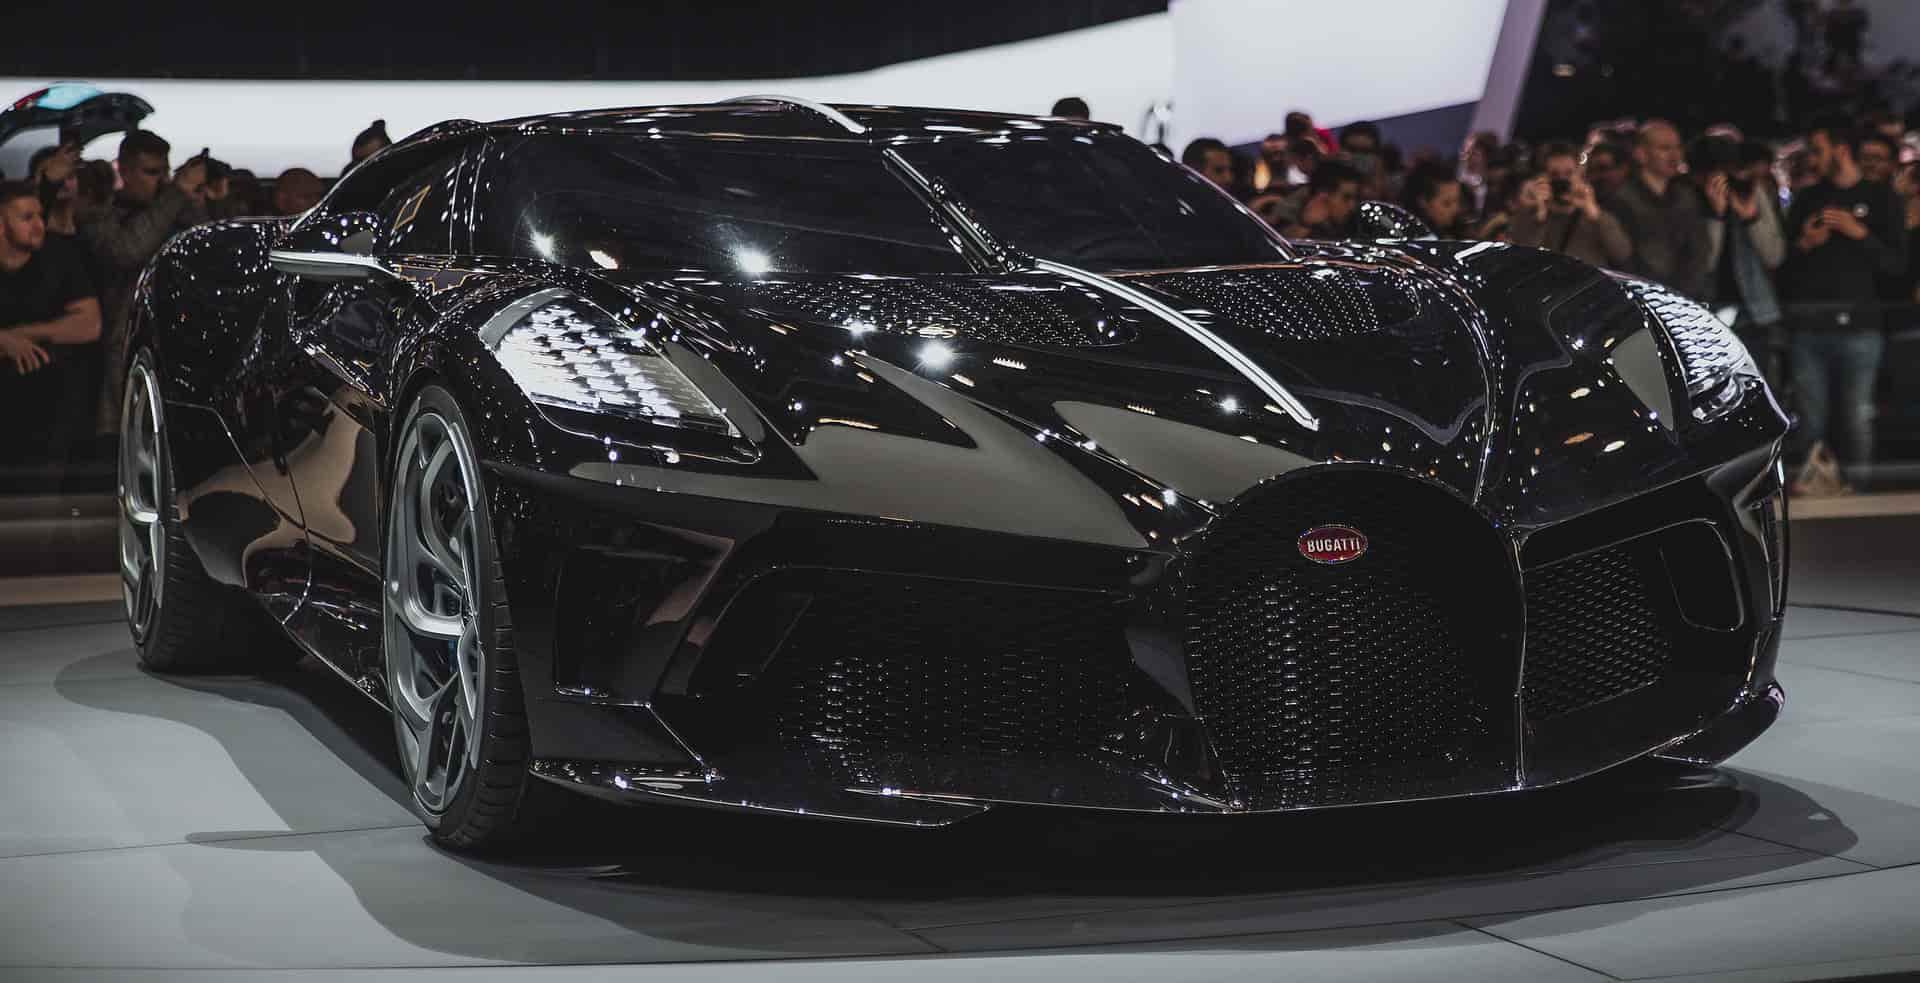 La voiture noire Bugatti lors du salon automobile de Genève 2019